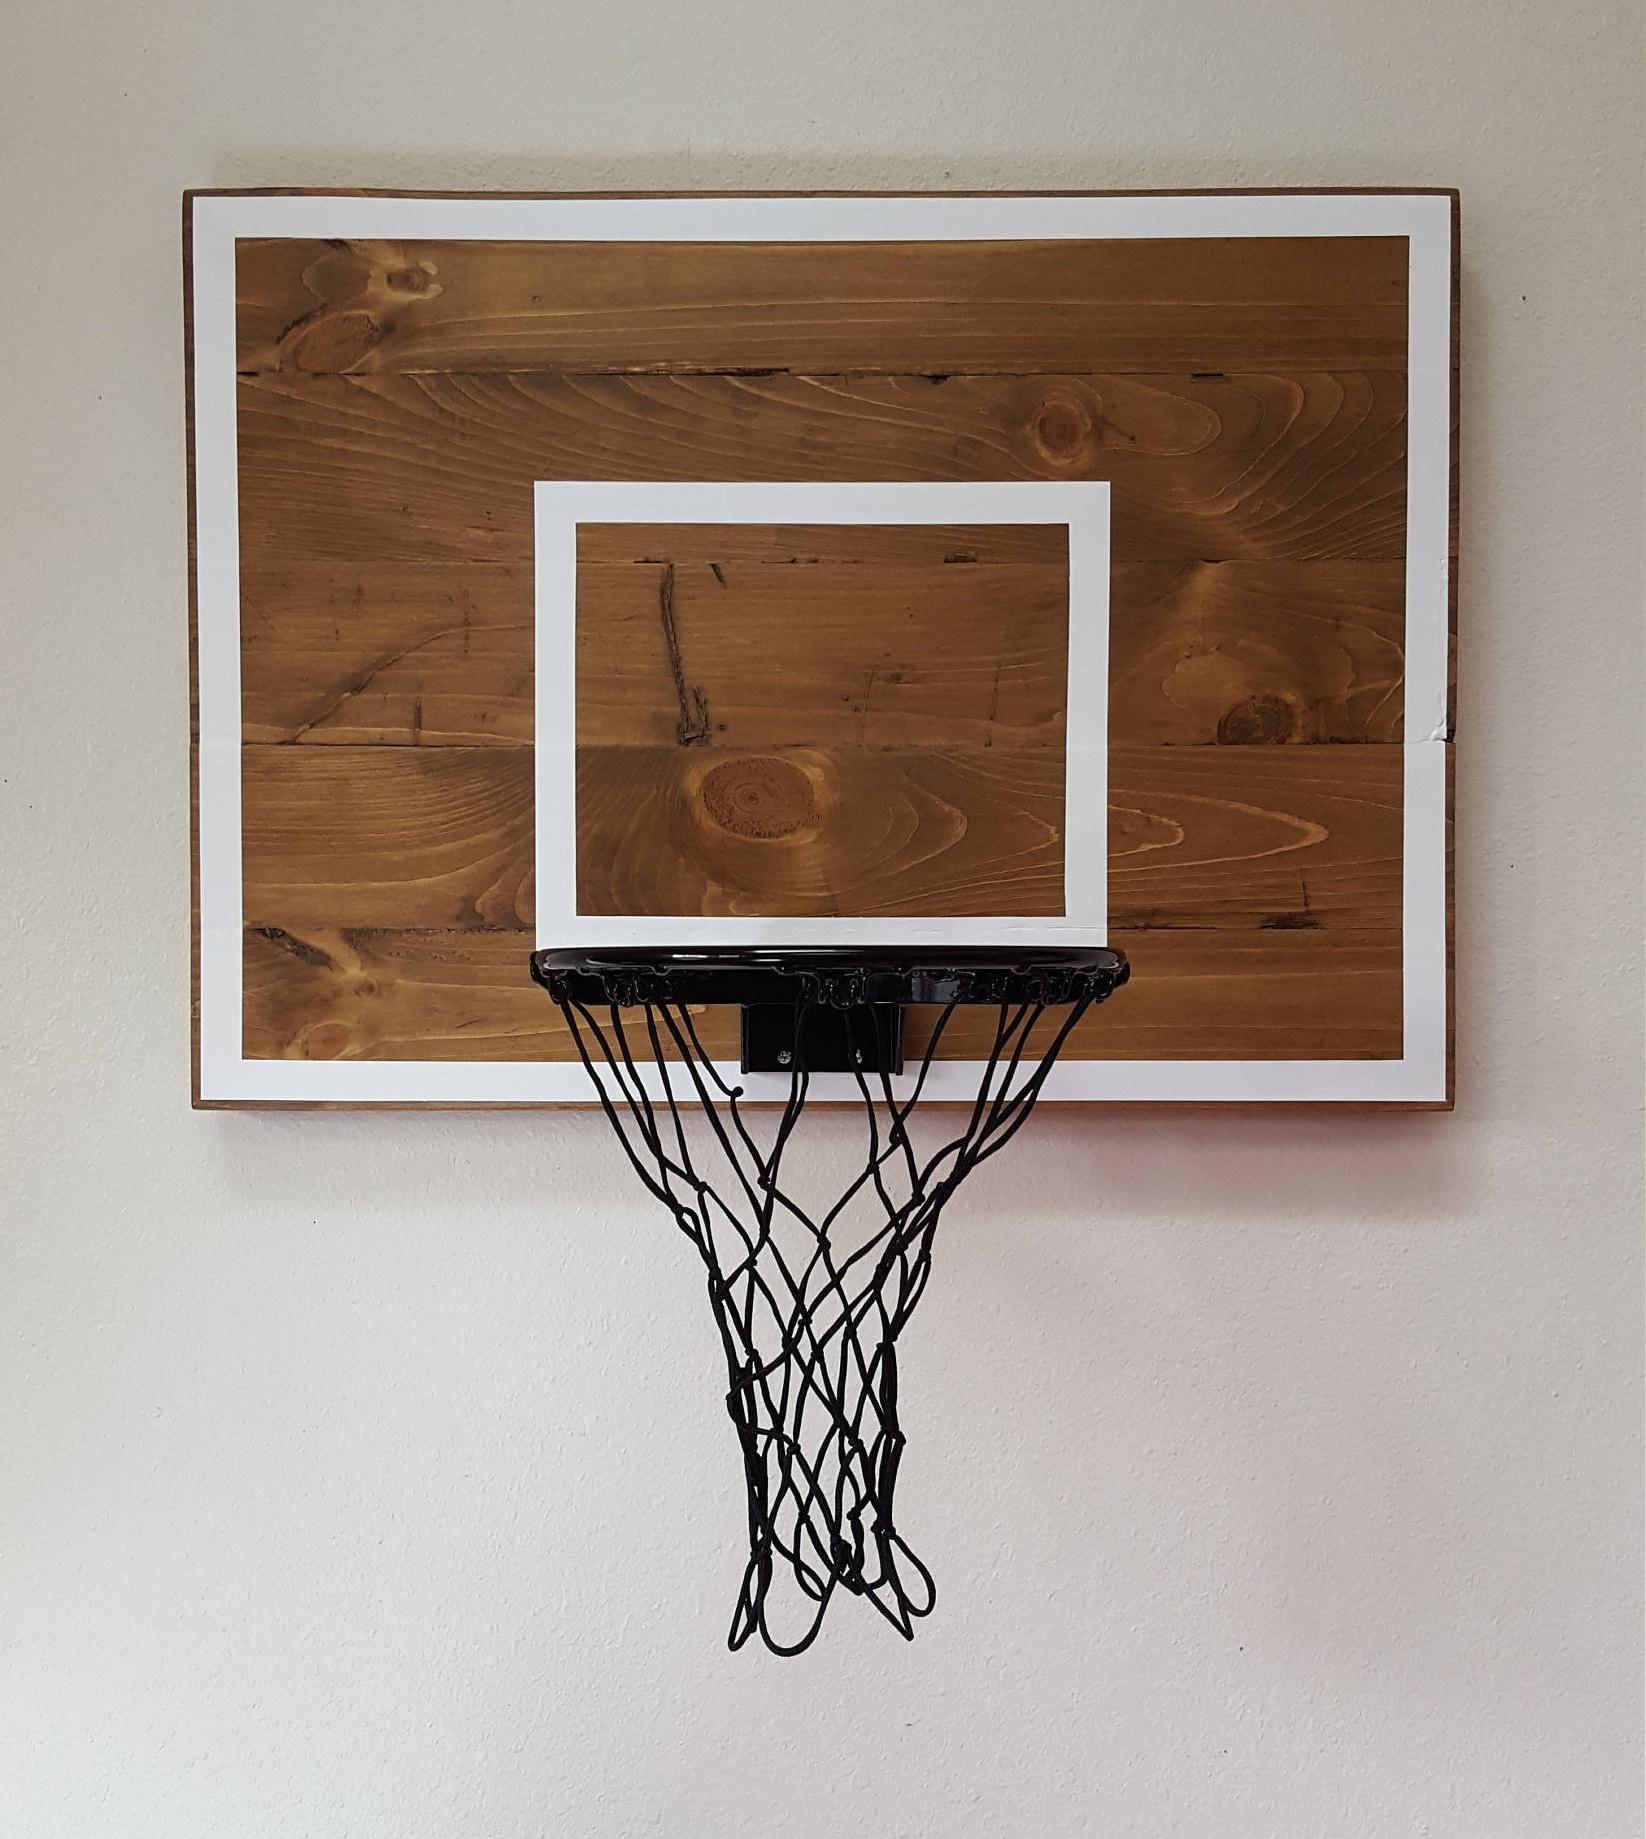 Palette Holz Basketball Hoop mit gemalten Reifen Linien. Wand